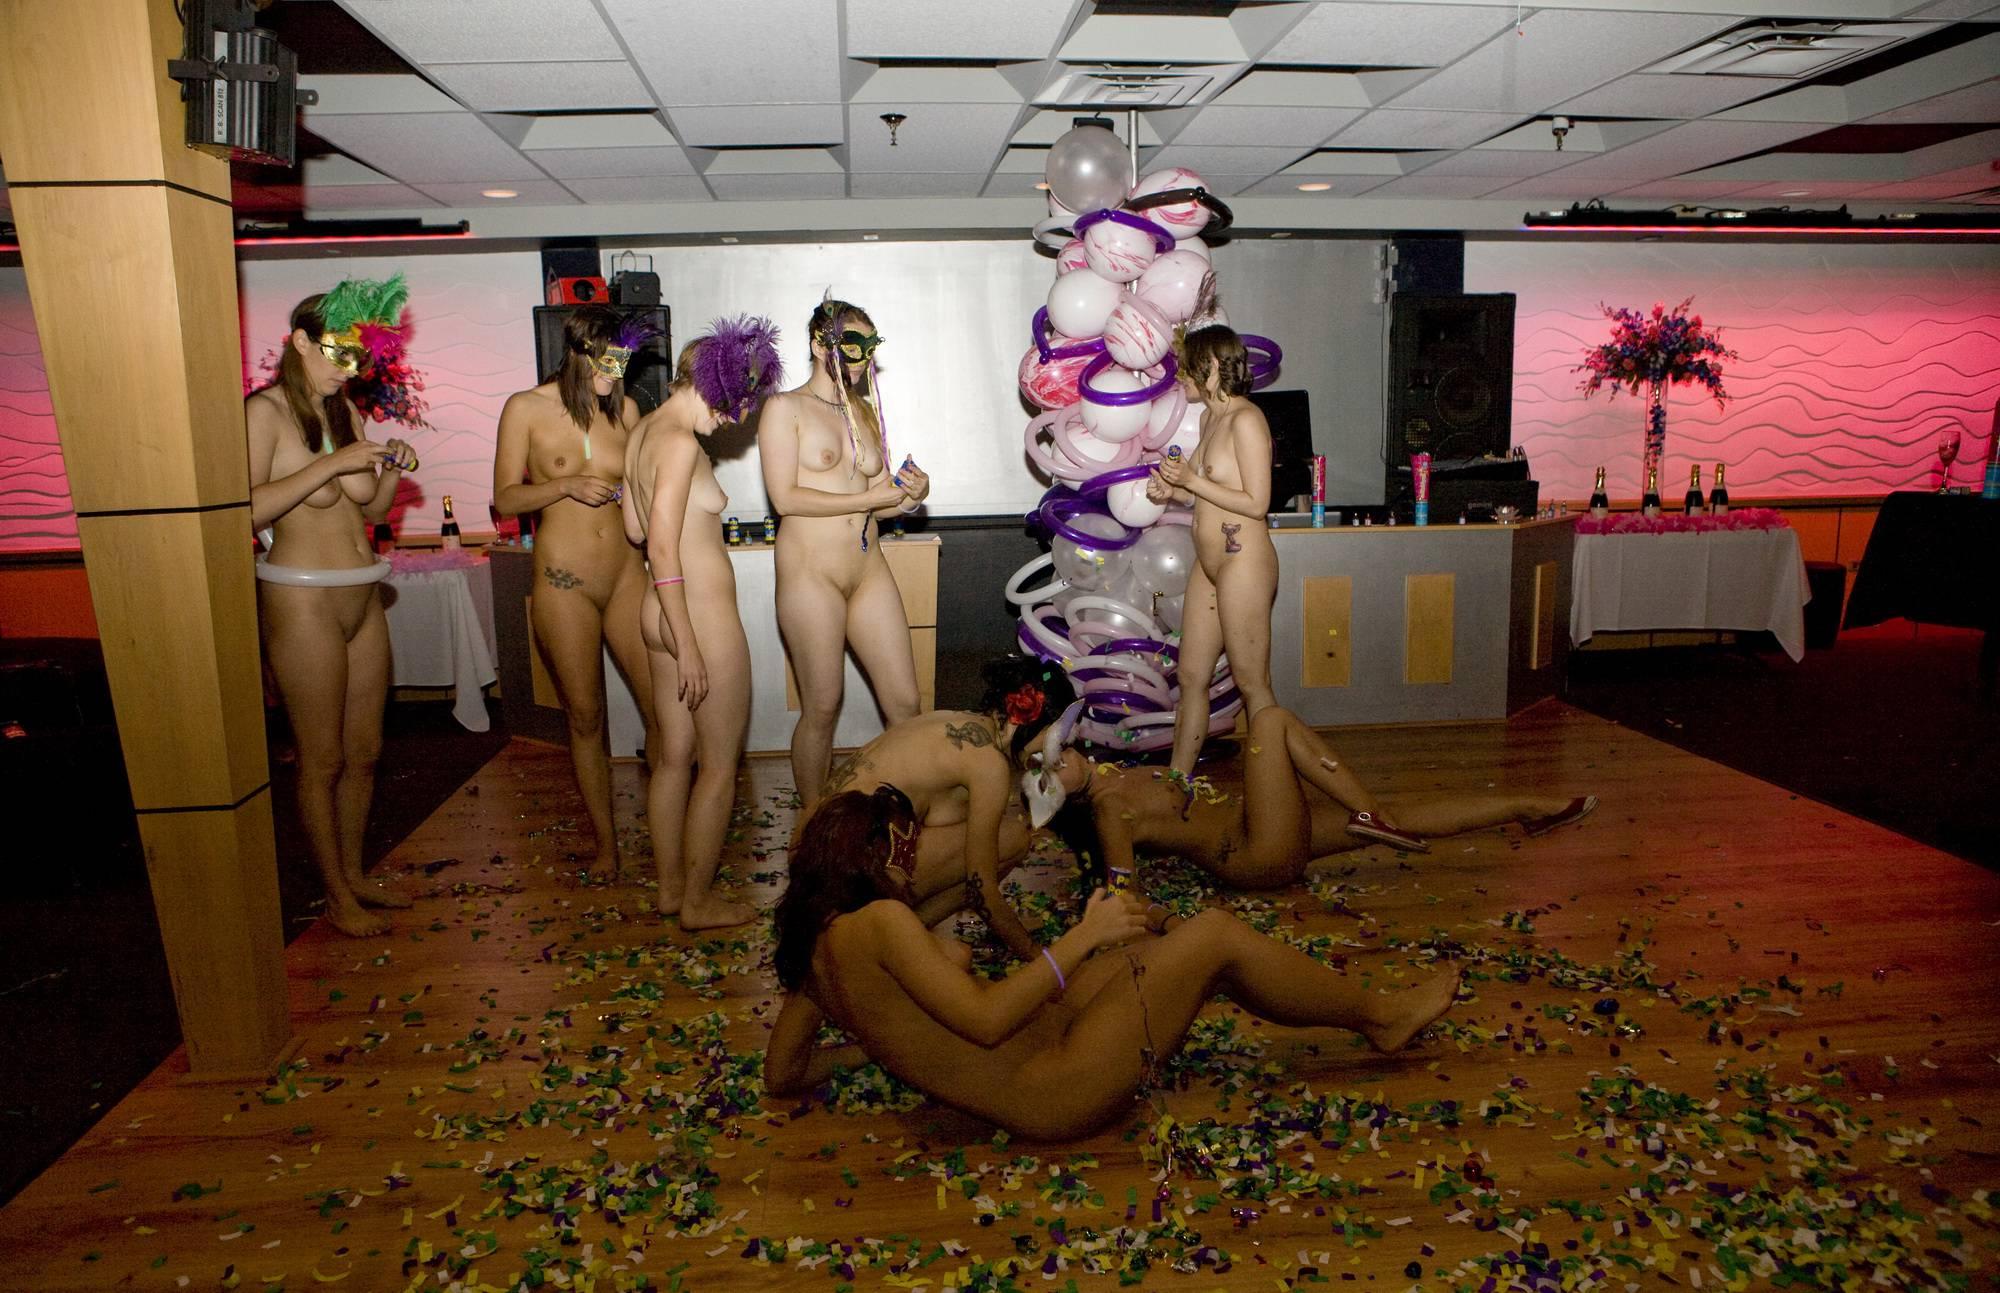 Nudist Pictures Masquerade Confeti Play - 2